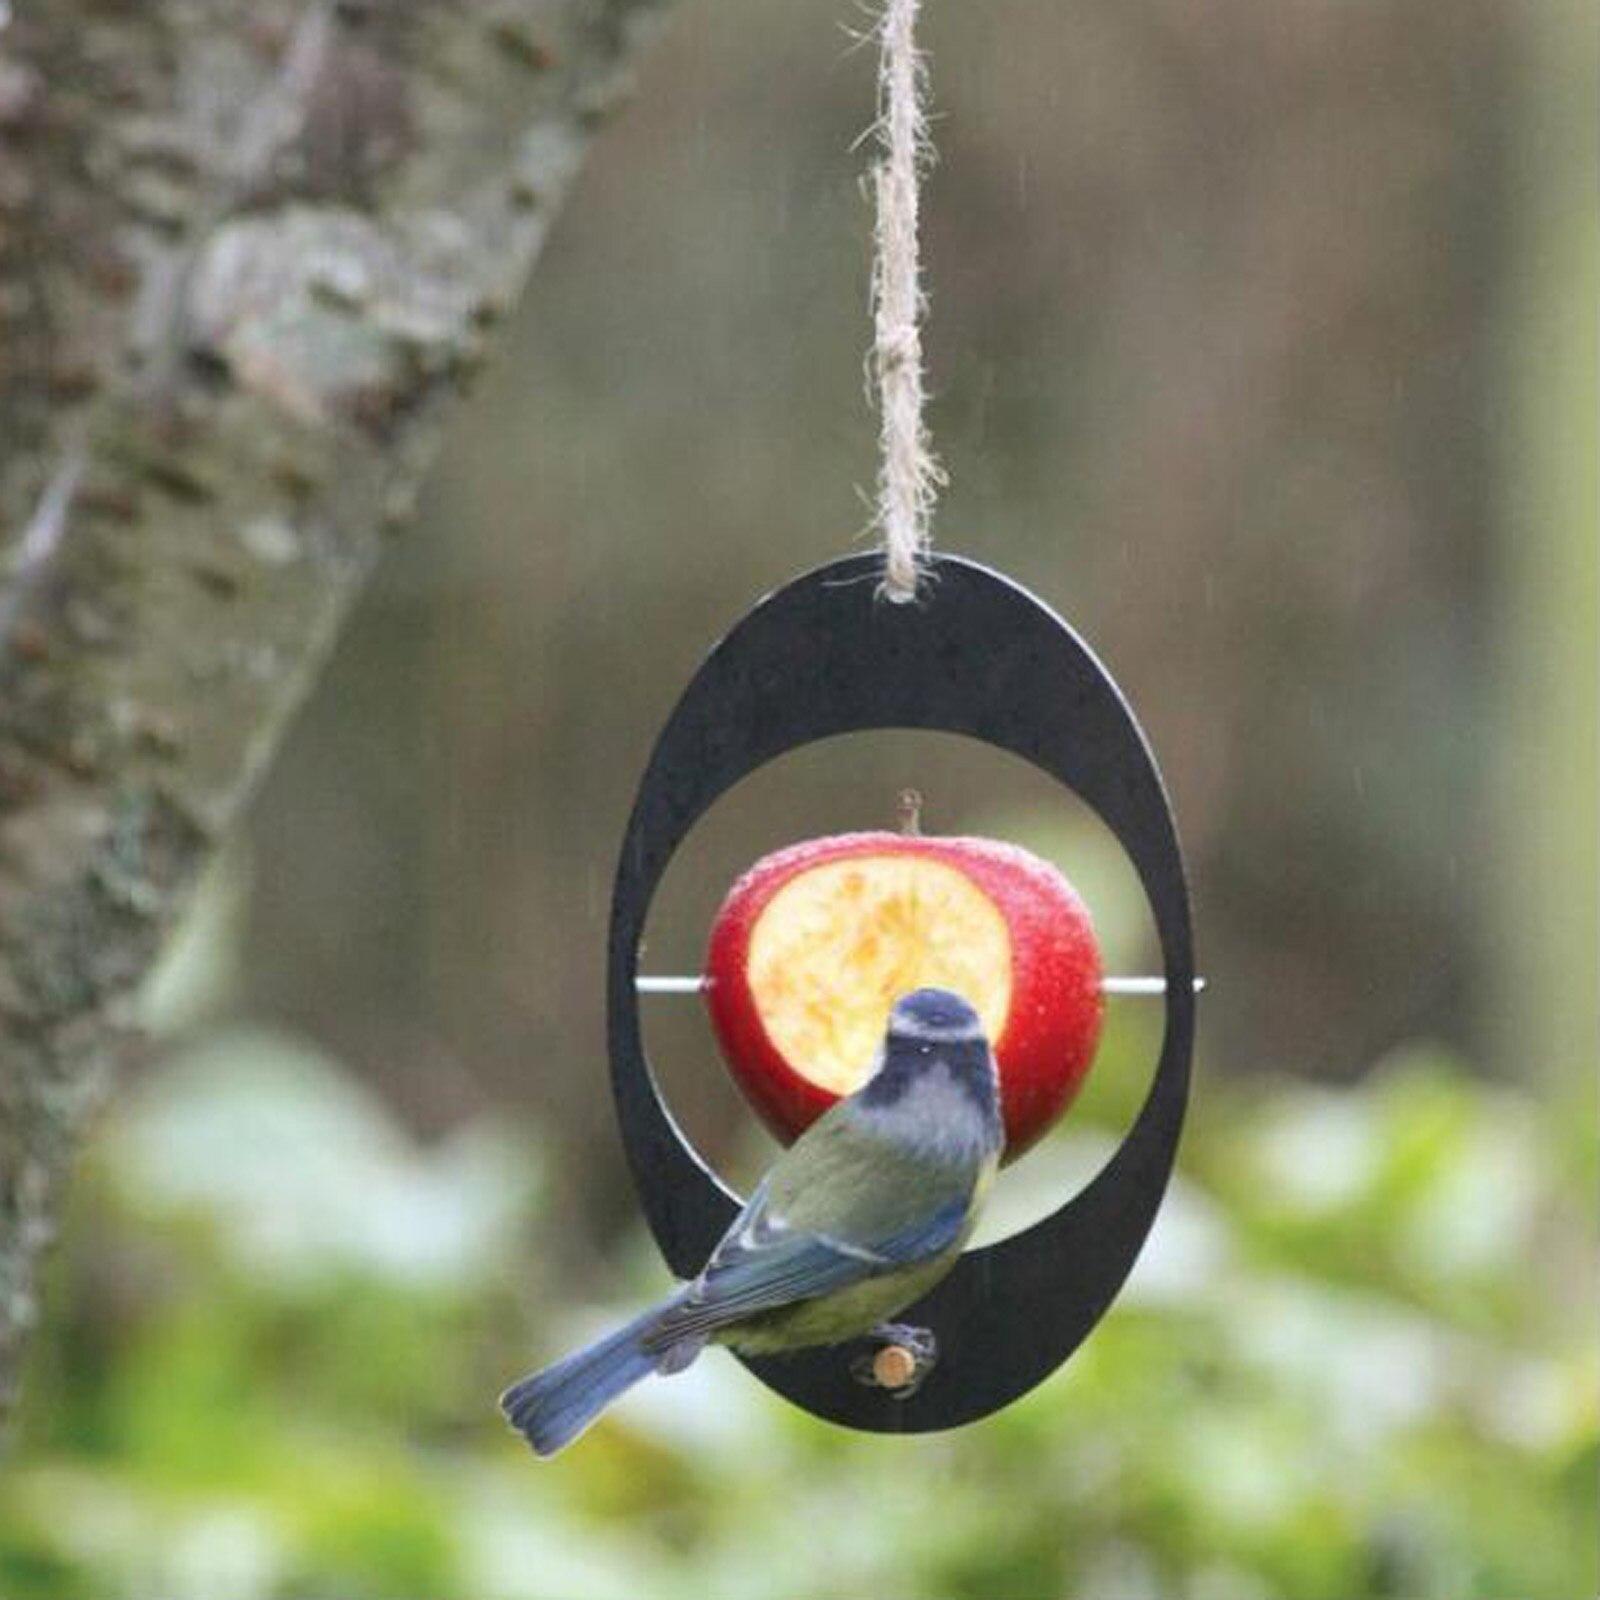 Recycled Birds Feeder Apple Feeder Birds Supplement Nutrition Garden Decoration Birds Feeder For Outdoor TT-best